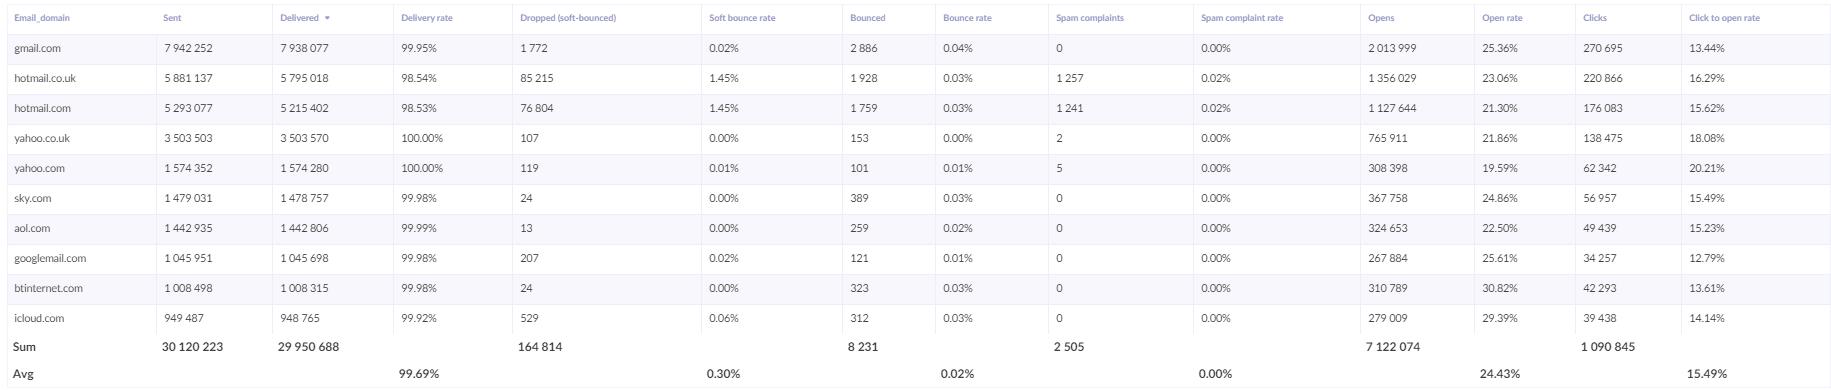 email analytics - domain report